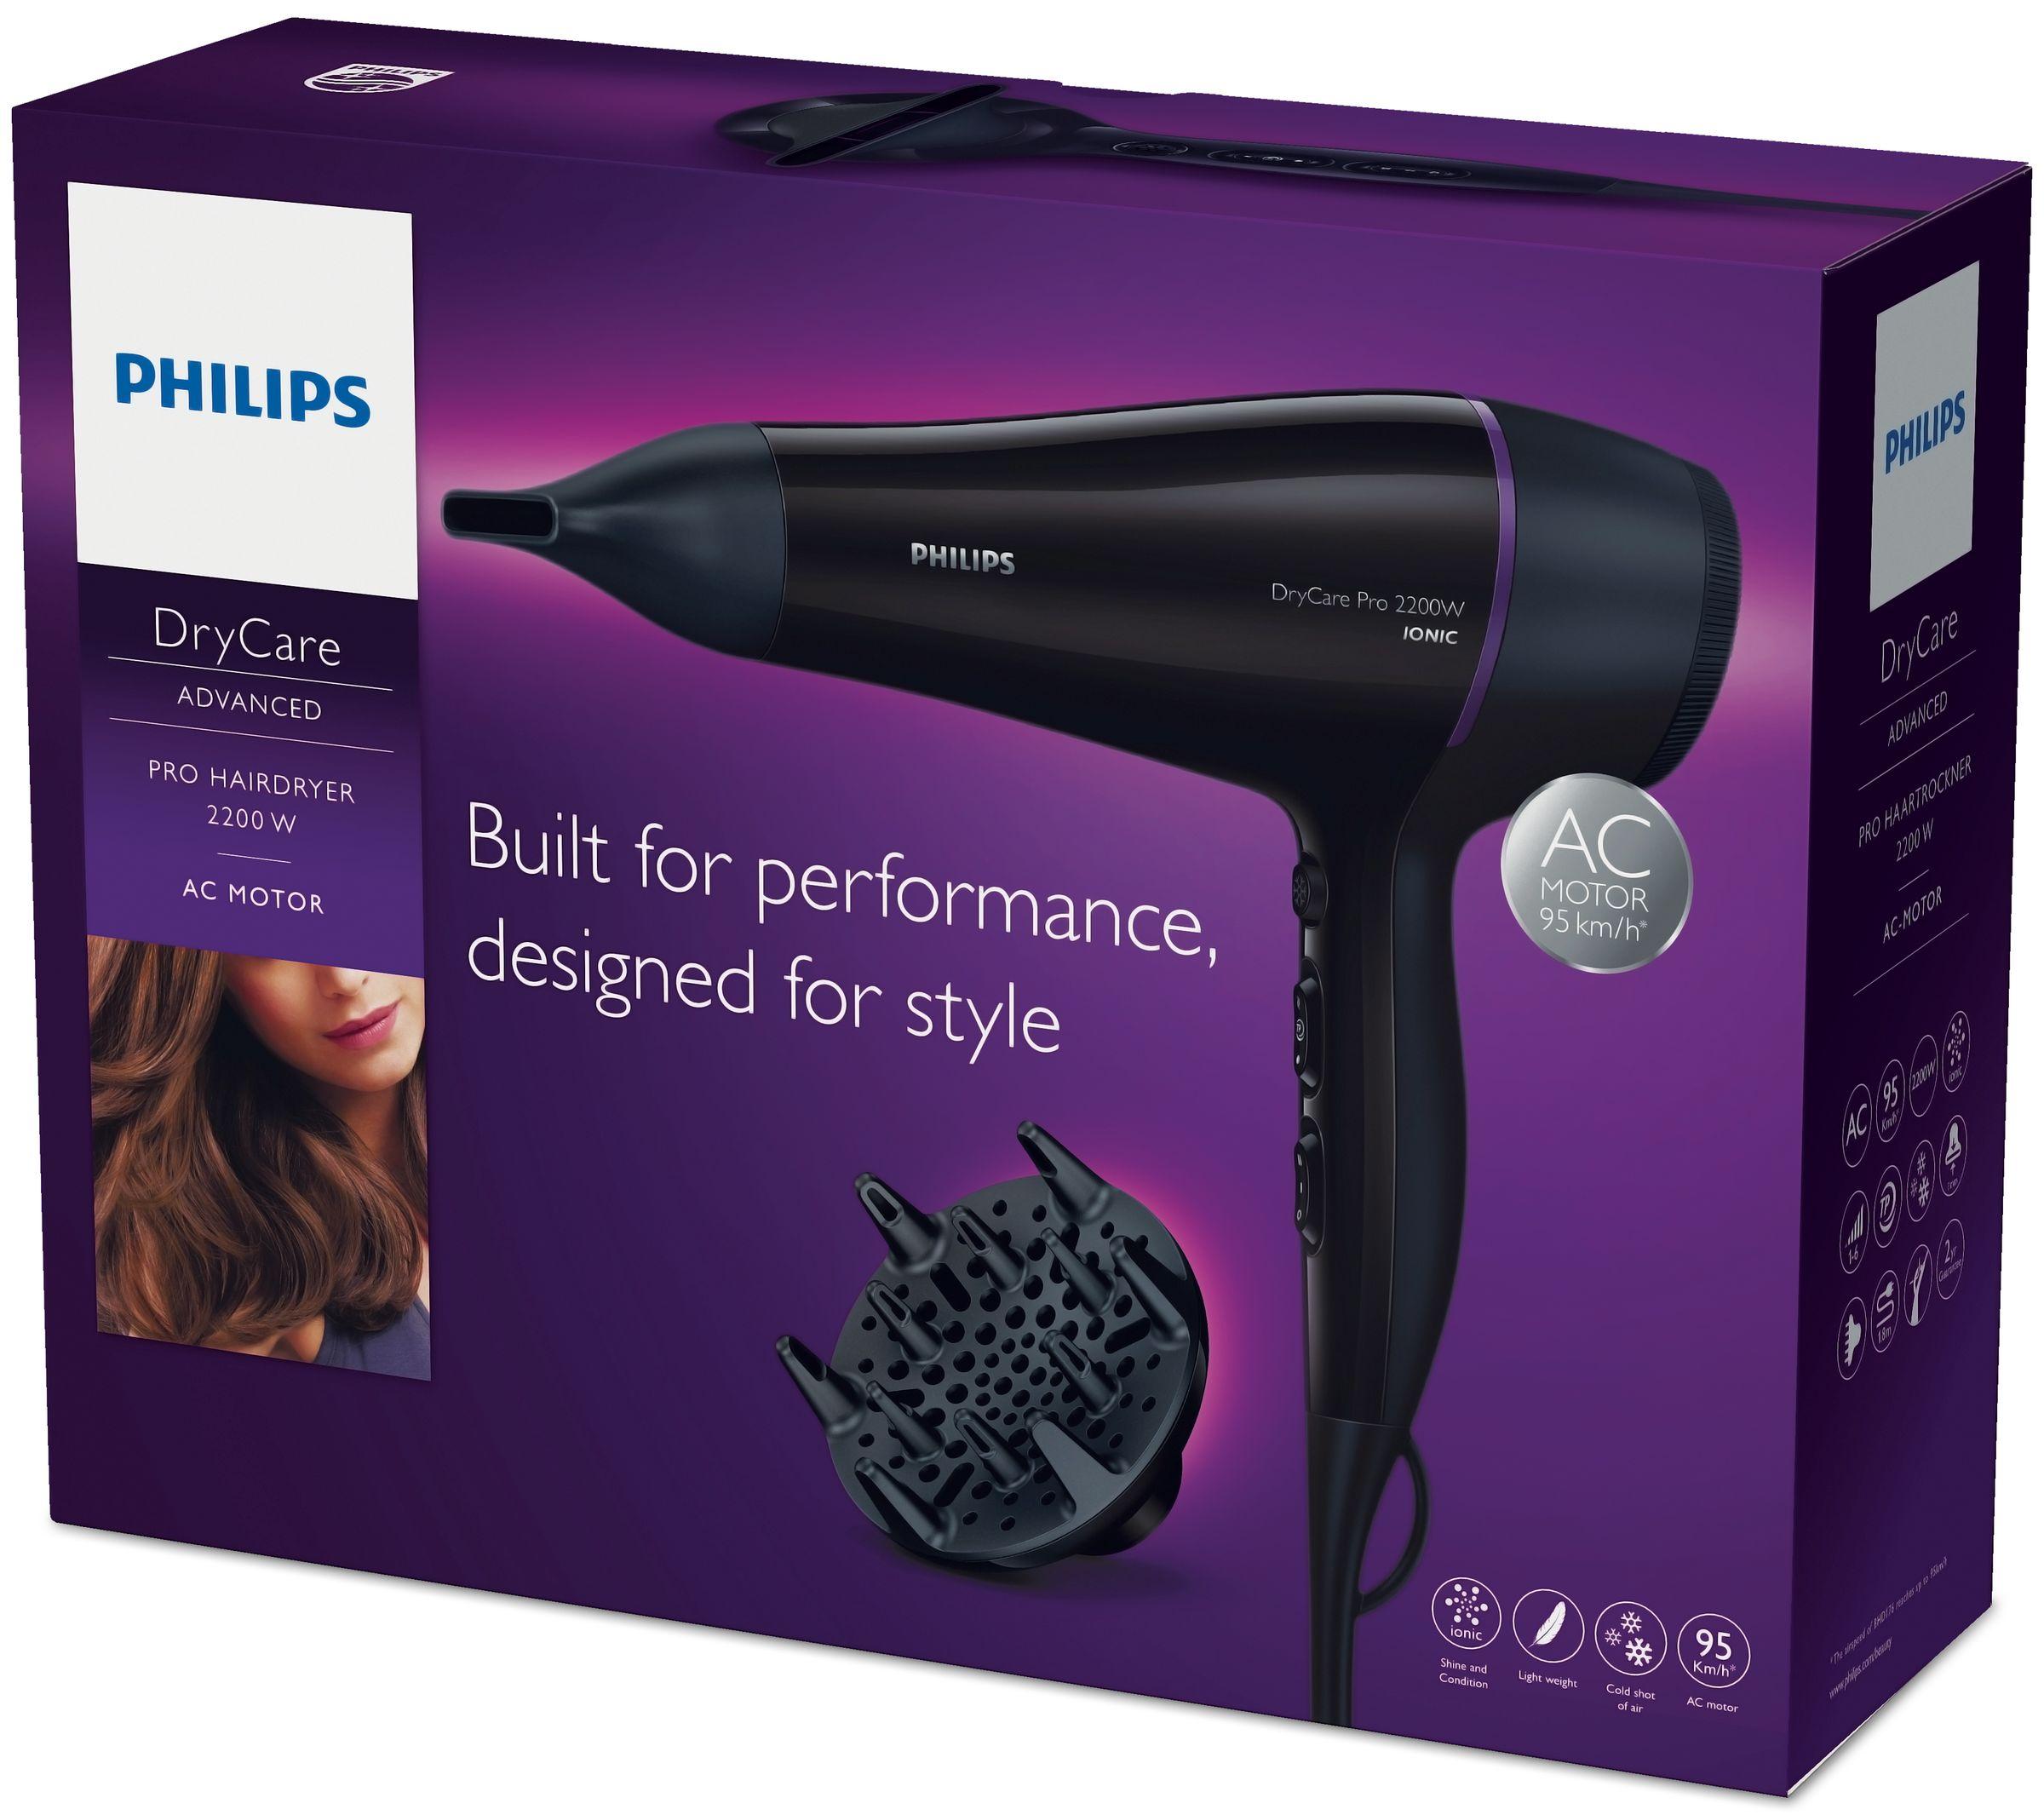 характеристики Philips Професійний фен BHD176 00 Фени (BHD176 00) fa94850e0e0a6